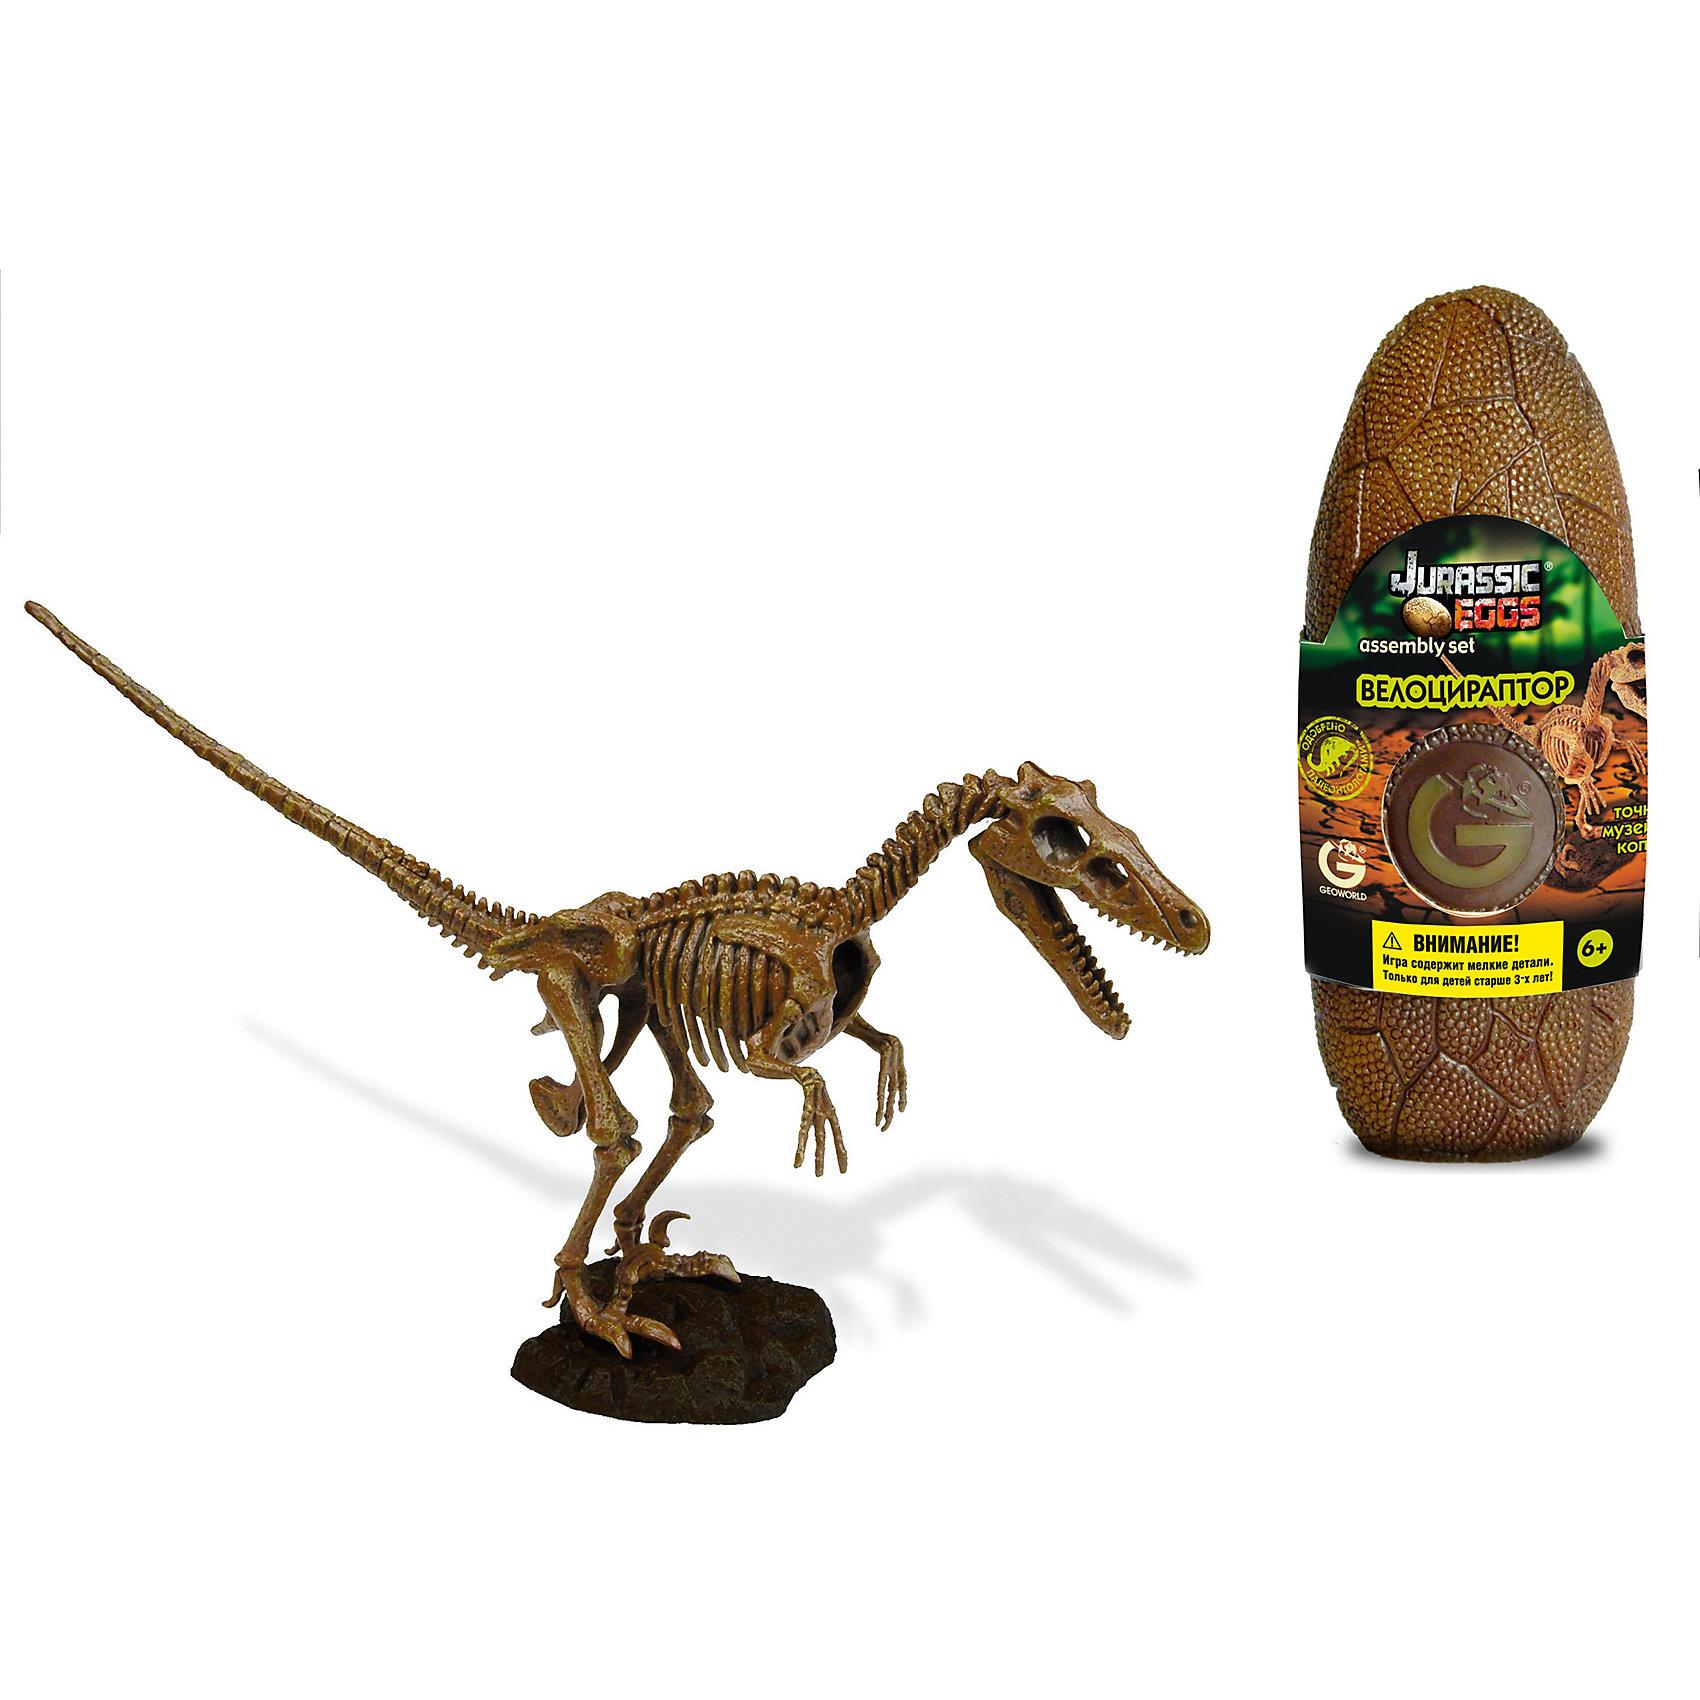 Яйцо динозавра - сборная модель Велоцираптора, GeoworldВелоцираптор — относительно маленький, юркий и хитрый ящер, который обитал в конце мелового периода. Он обладал рядом прогрессивных анатомических черт и очень близок к древним птицам. Некоторые современные теории палеонтологии настаивают, что велоцирапторы были полностью оперены и обладали теплокровностью. Точную музейную копию скелета велоцираптора юный палеонтолог сможет собрать своими руками. Детали предварительно раскрашены, чтобы быть похожими на настоящие кости. Они заключены в стилизованное яйцо. Скелет оснащен подставкой, так что он может стать потом оригинальным сувениром, украшением вашего дома. Длина собранной модели: 28 см.  детали, яйцо, брошюра.<br><br>Ширина мм: 80<br>Глубина мм: 70<br>Высота мм: 200<br>Вес г: 190<br>Возраст от месяцев: 36<br>Возраст до месяцев: 96<br>Пол: Унисекс<br>Возраст: Детский<br>SKU: 5418976